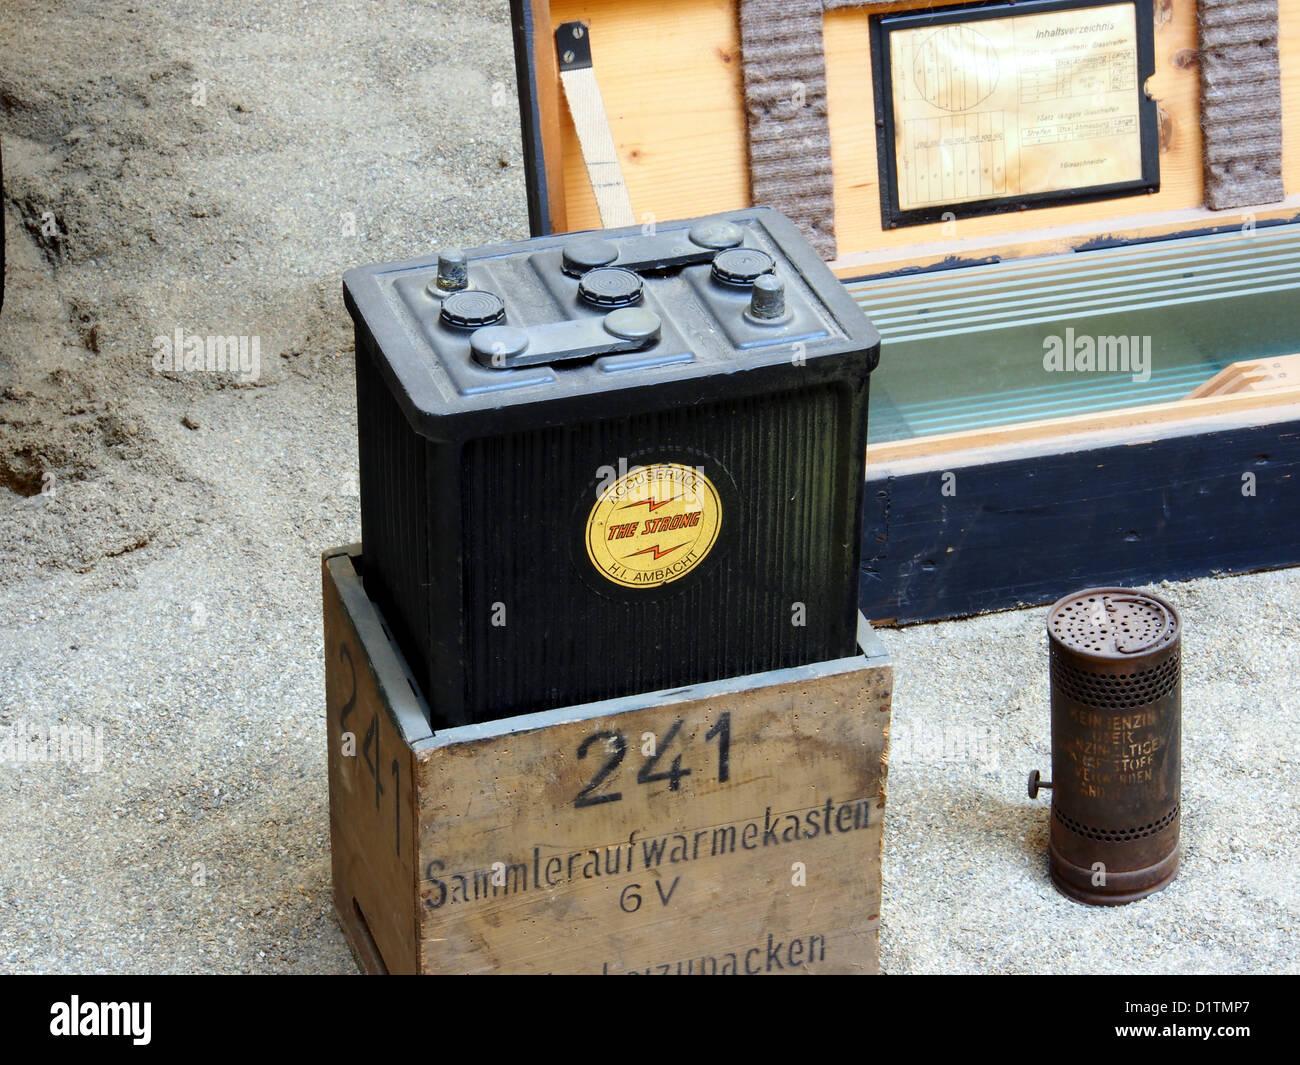 Museo de Guerra Overloon....El Fuerte batería, Accuservice H I Ambacht, Sammleraufwarmekasten 6V nad calefacción Foto de stock